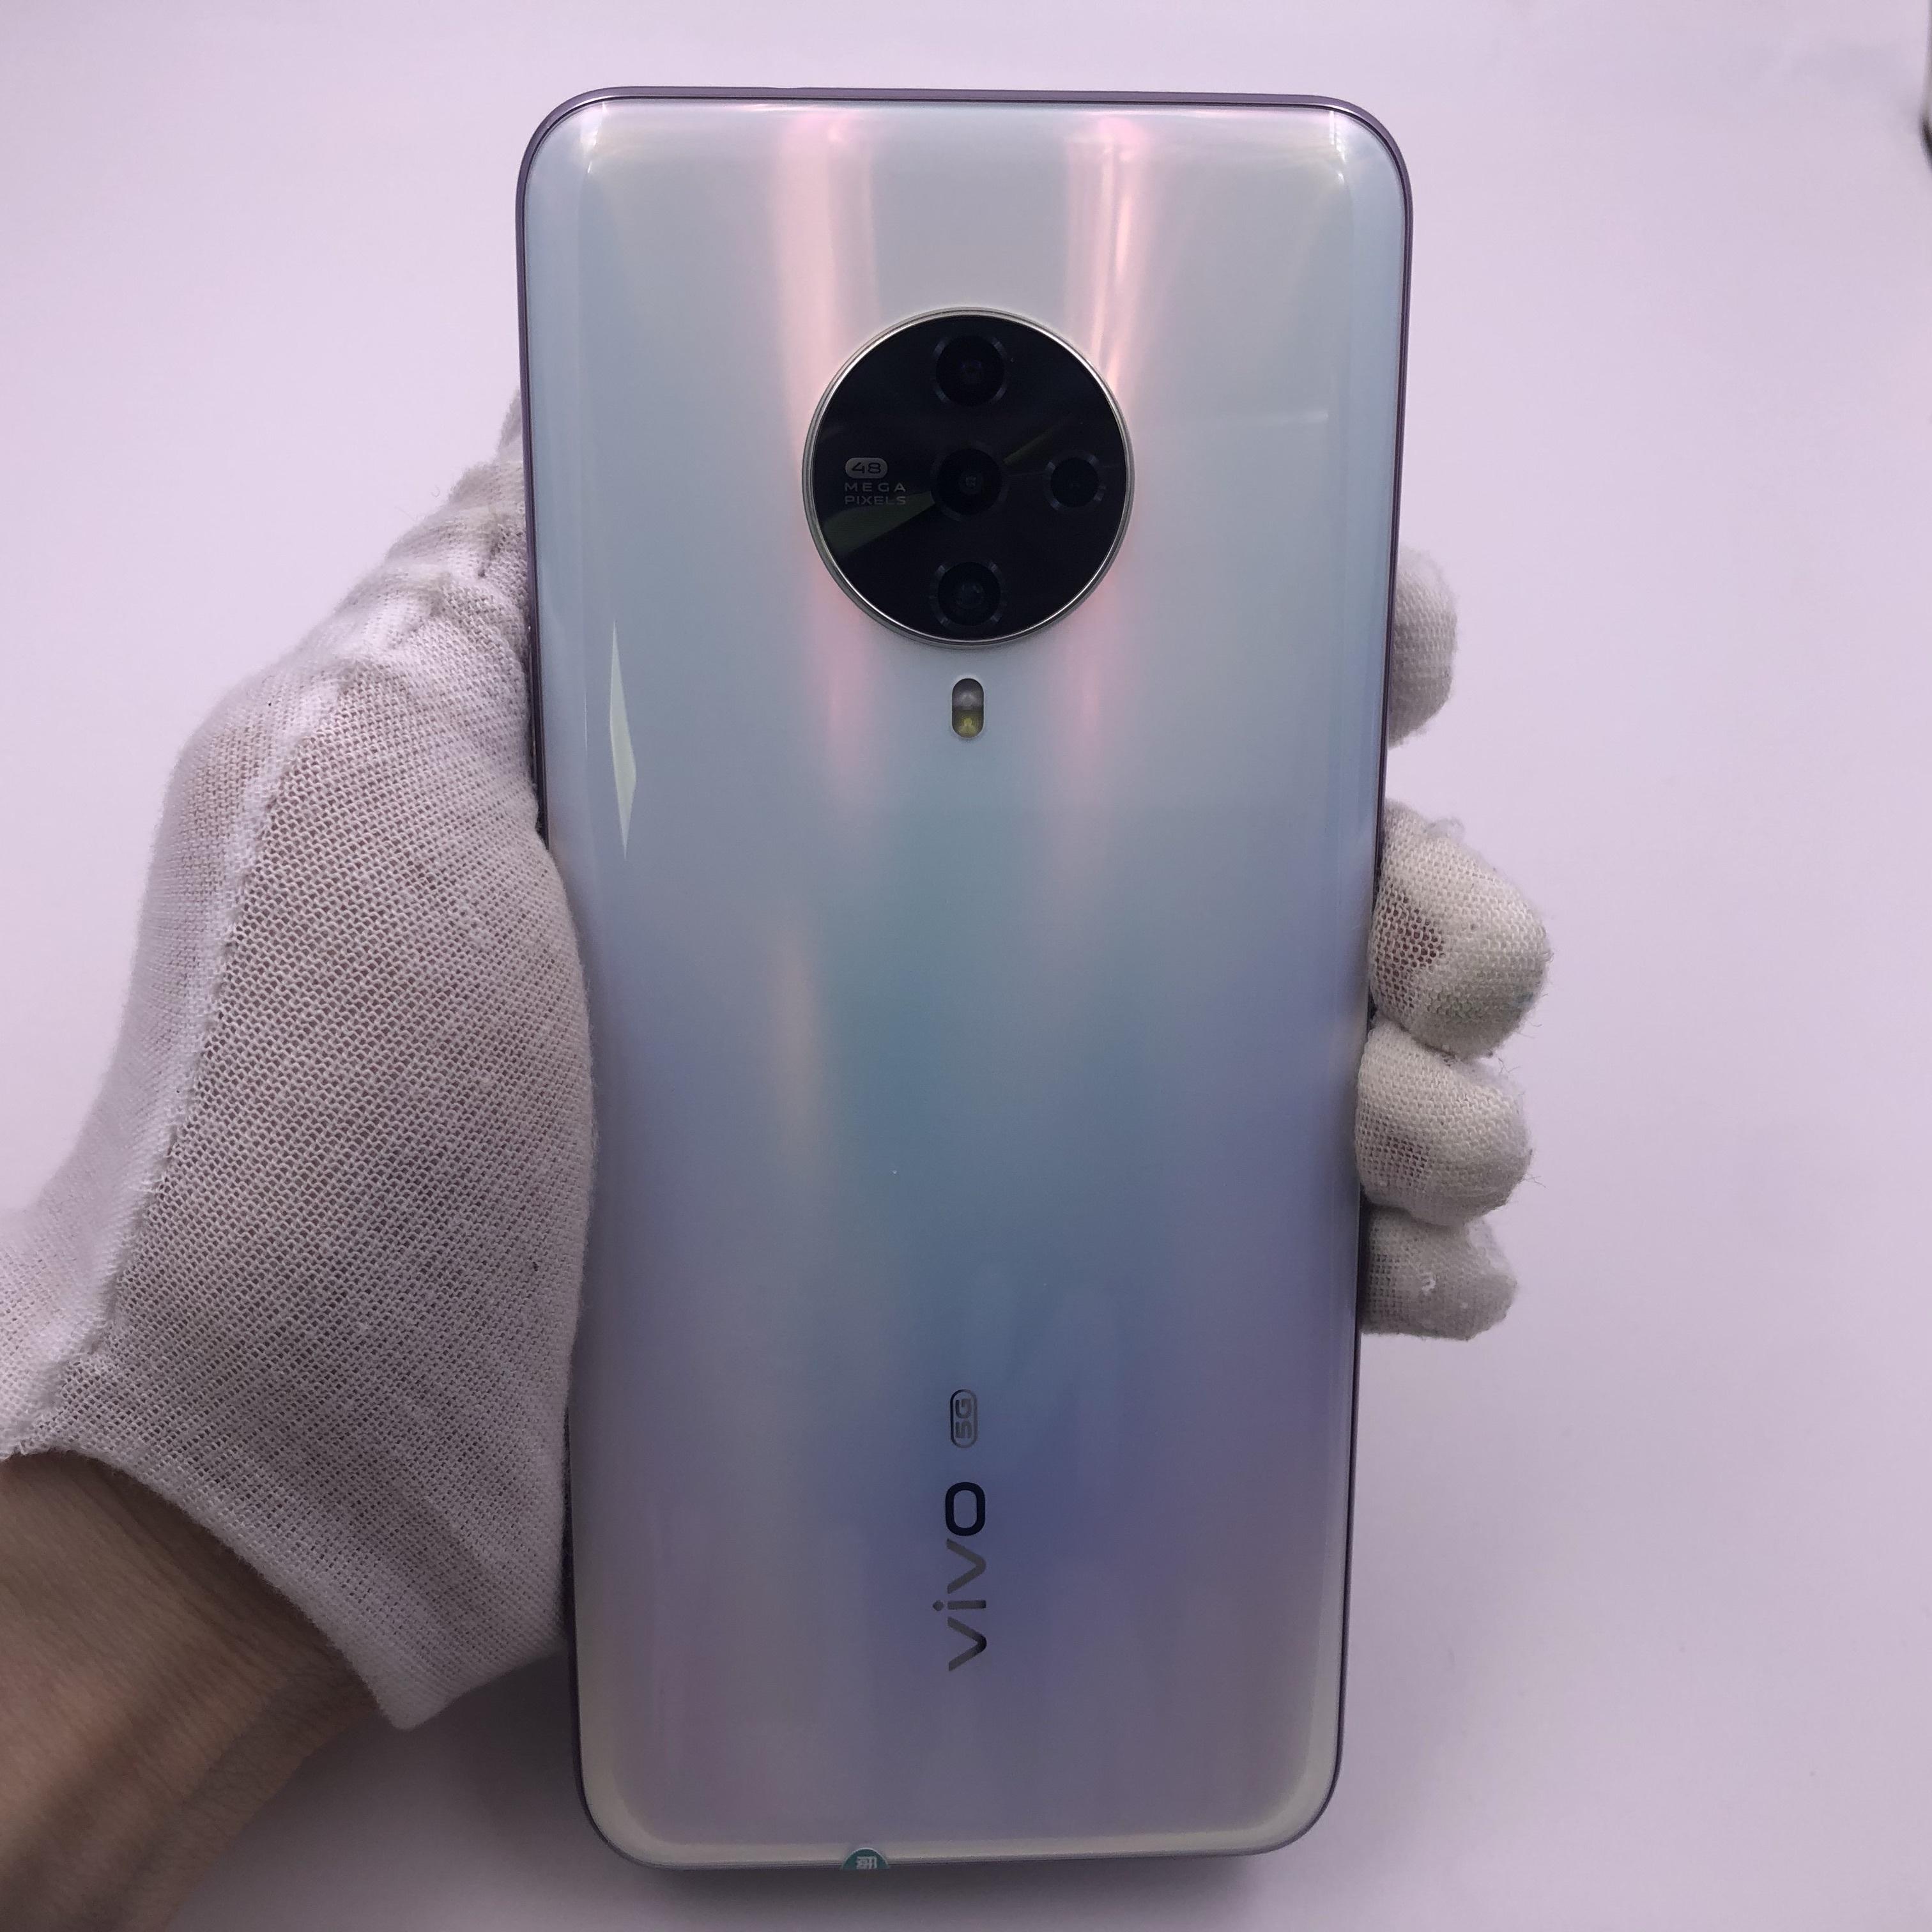 vivo【S6 5G】5G全网通 天鹅湖 8G/128G 国行 9成新